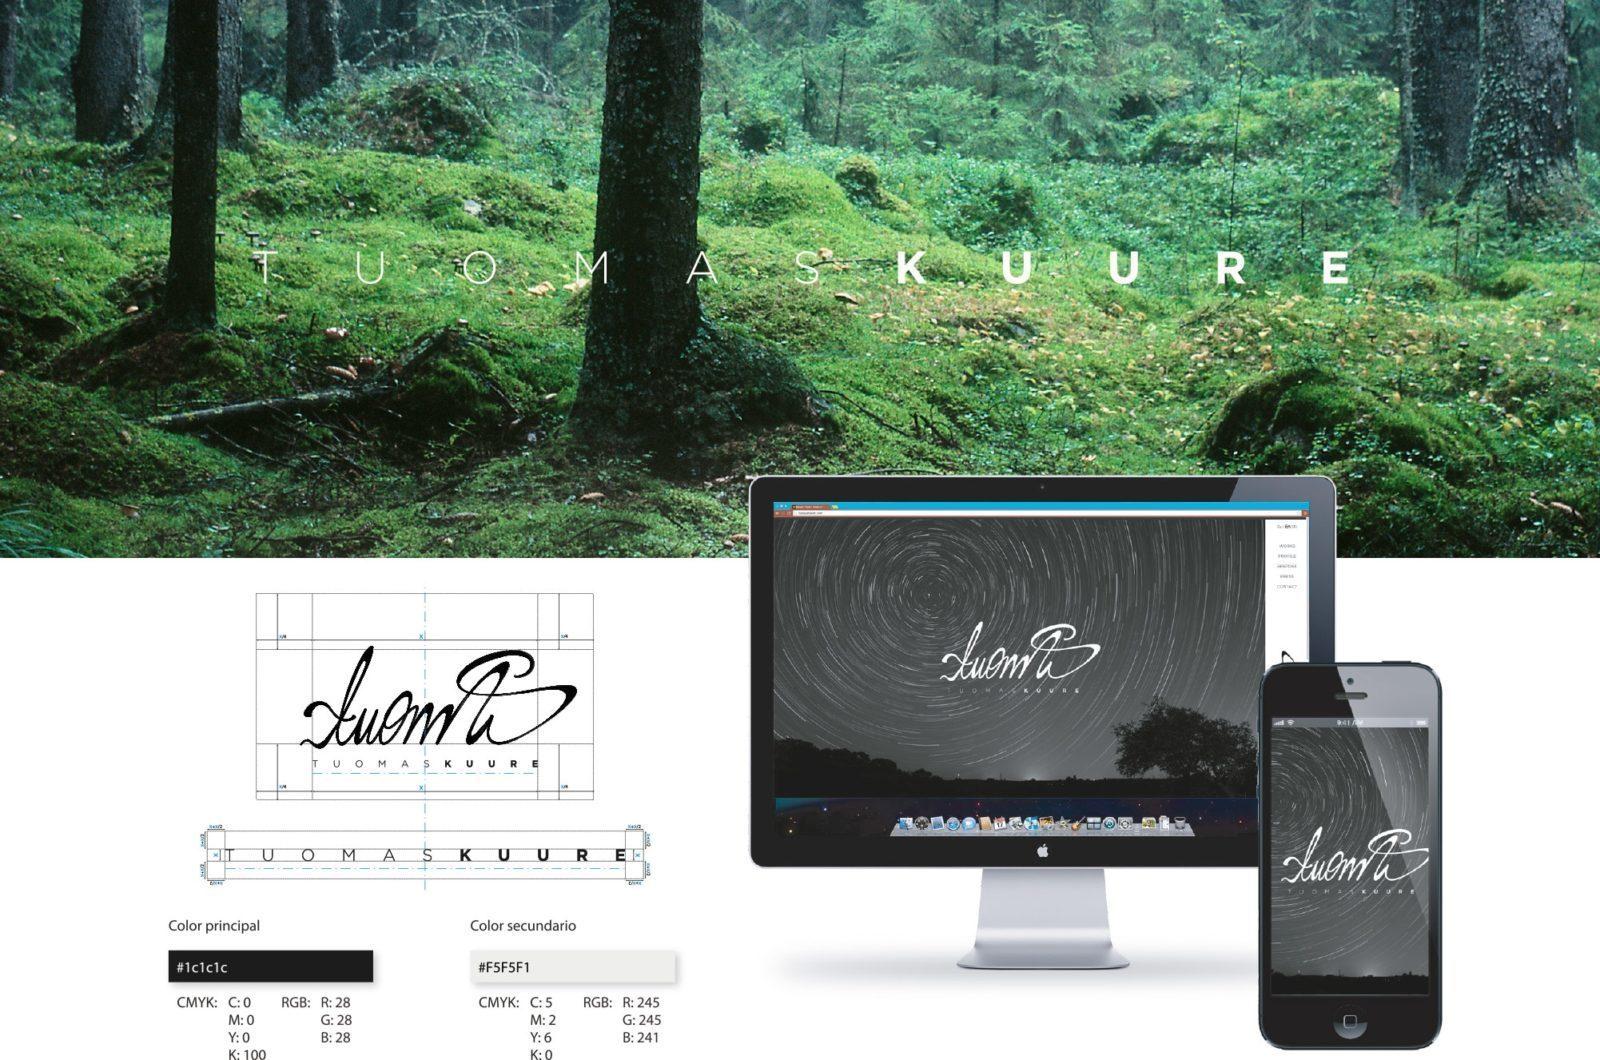 Desarrollo web de Tuomas Kuure